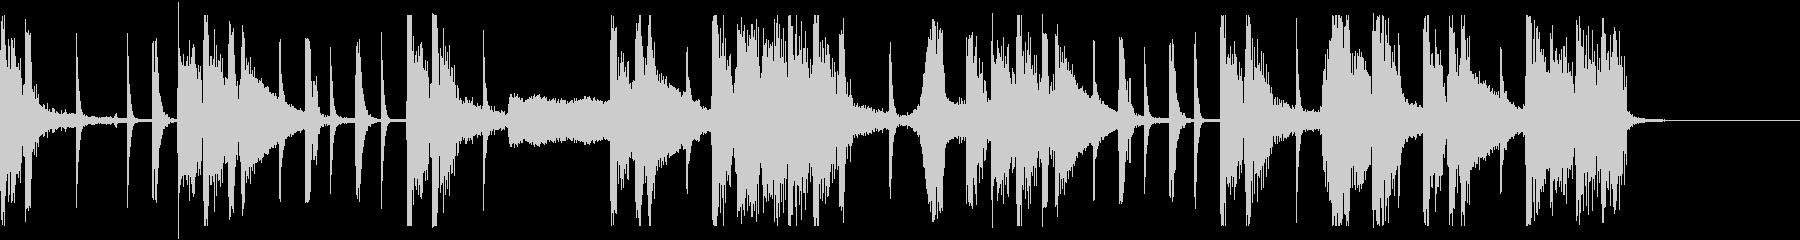 大人なエレクトロポップの未再生の波形